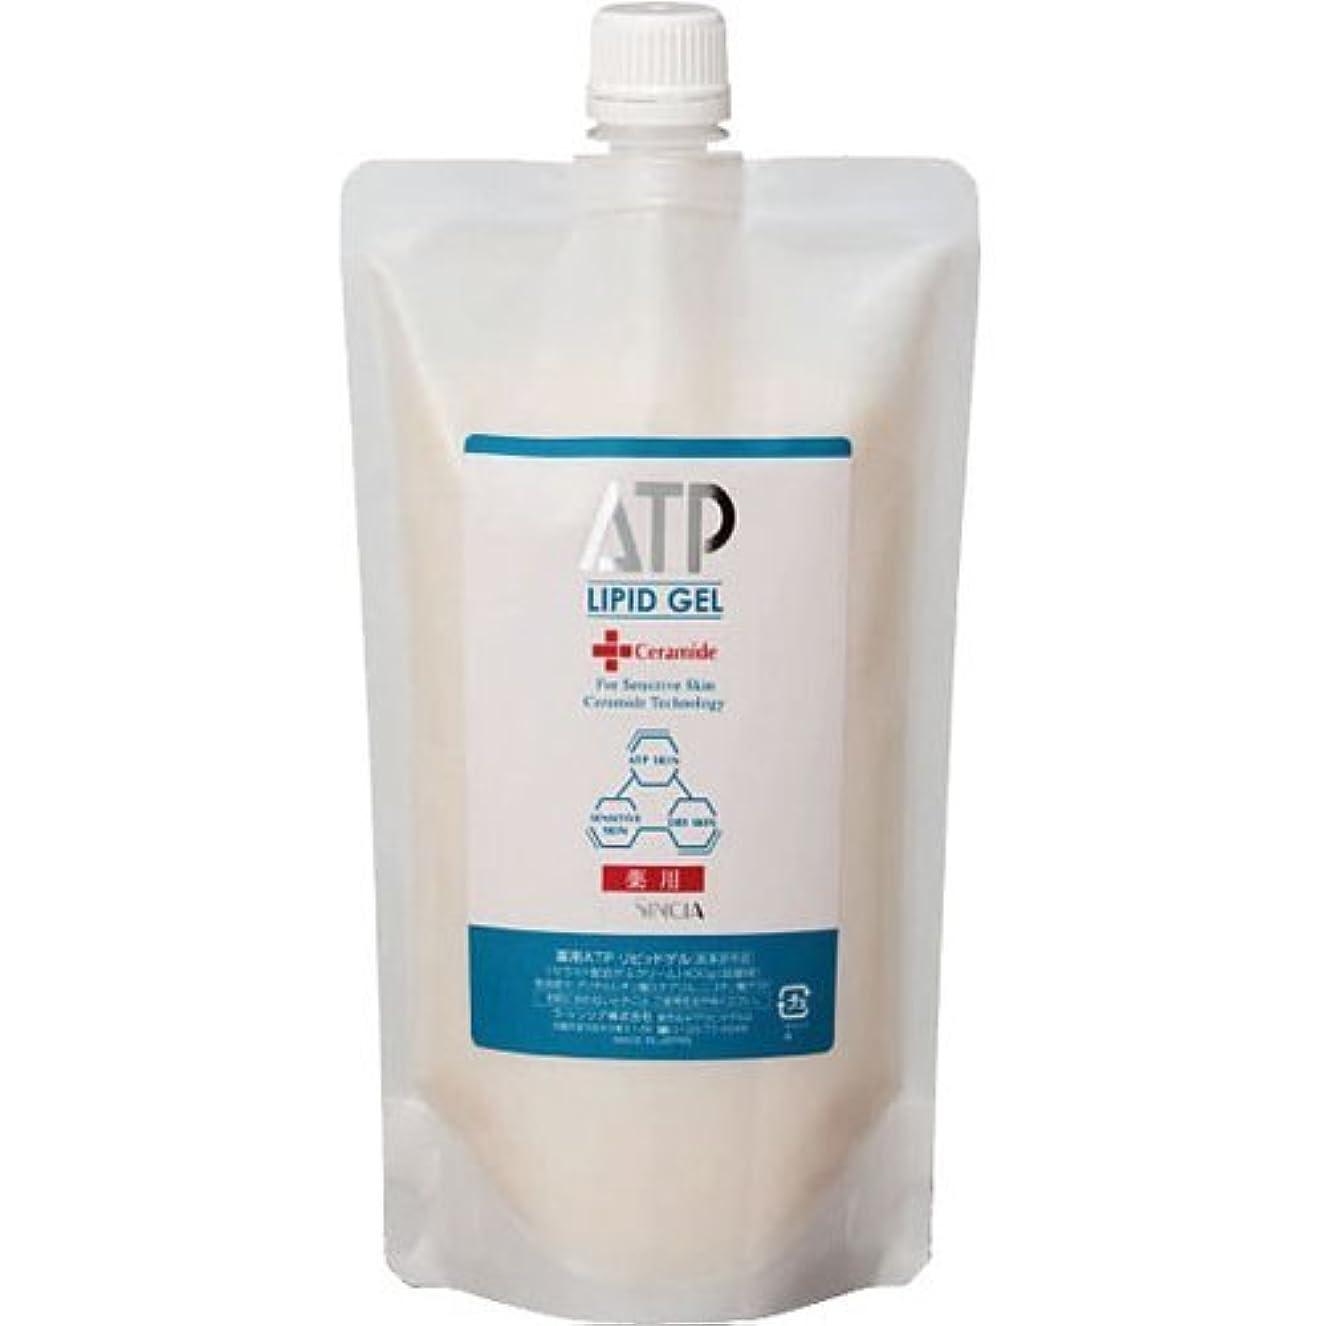 節約する踏み台構想するラシンシア 薬用ATPリピッドゲル 400g(詰替用) 【セラミド配合ゲルクリーム】